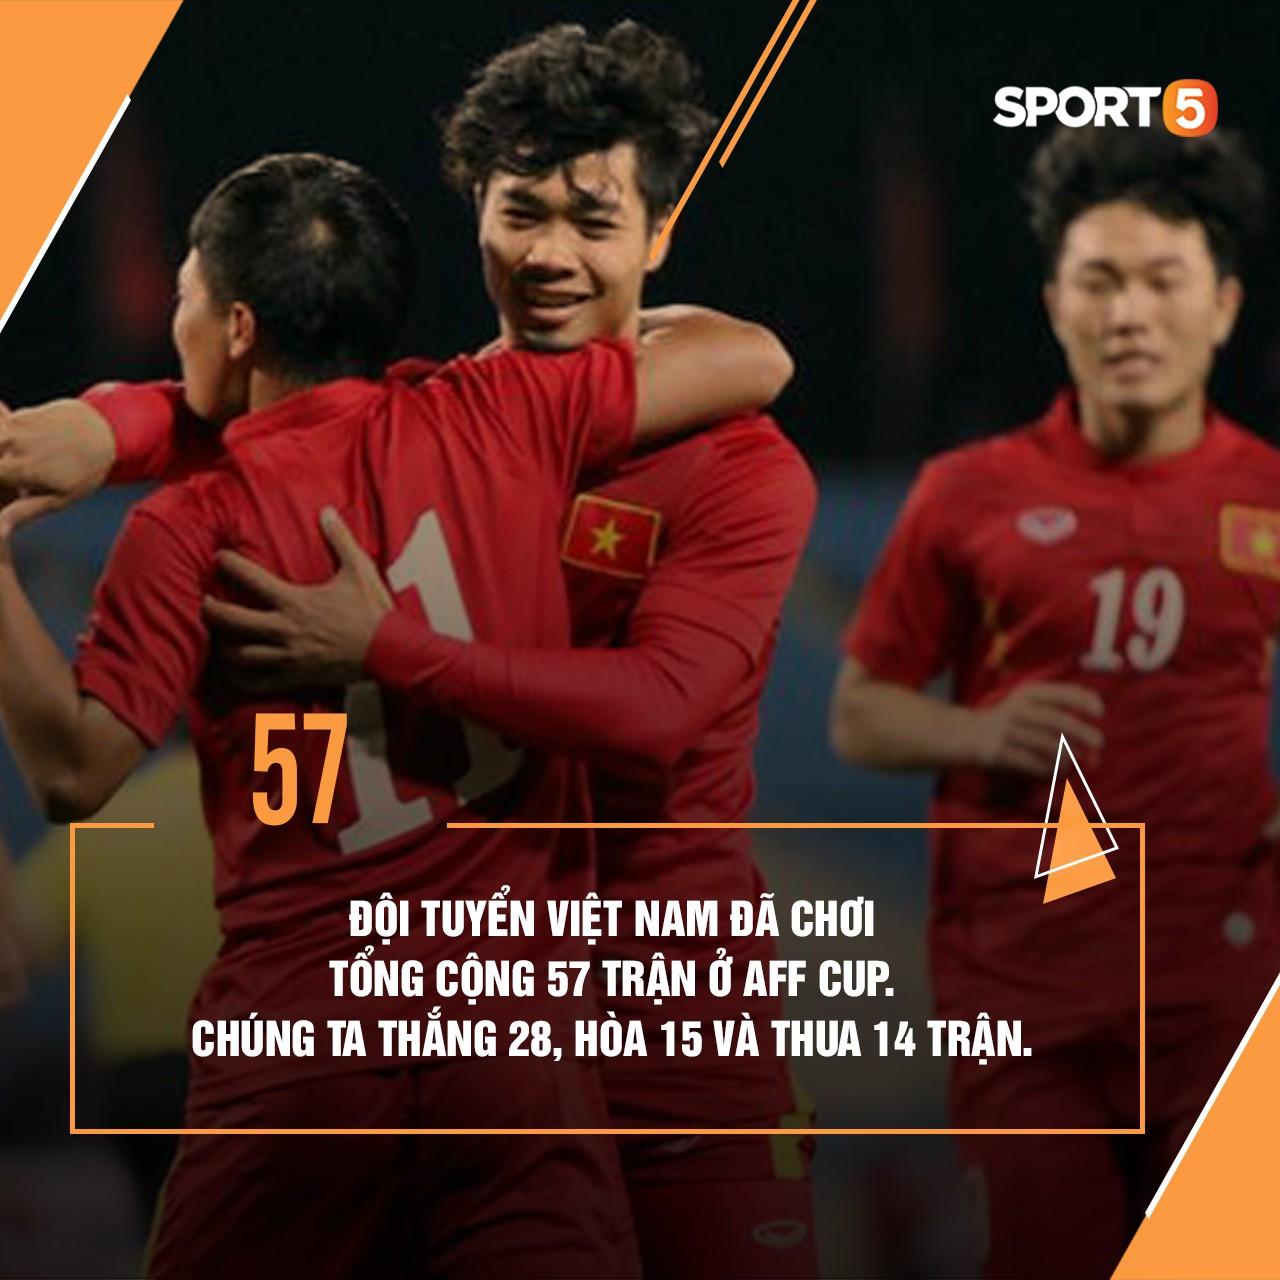 Những thống kê thú vị về tuyển Việt Nam ở AFF Cup - Ảnh 6.